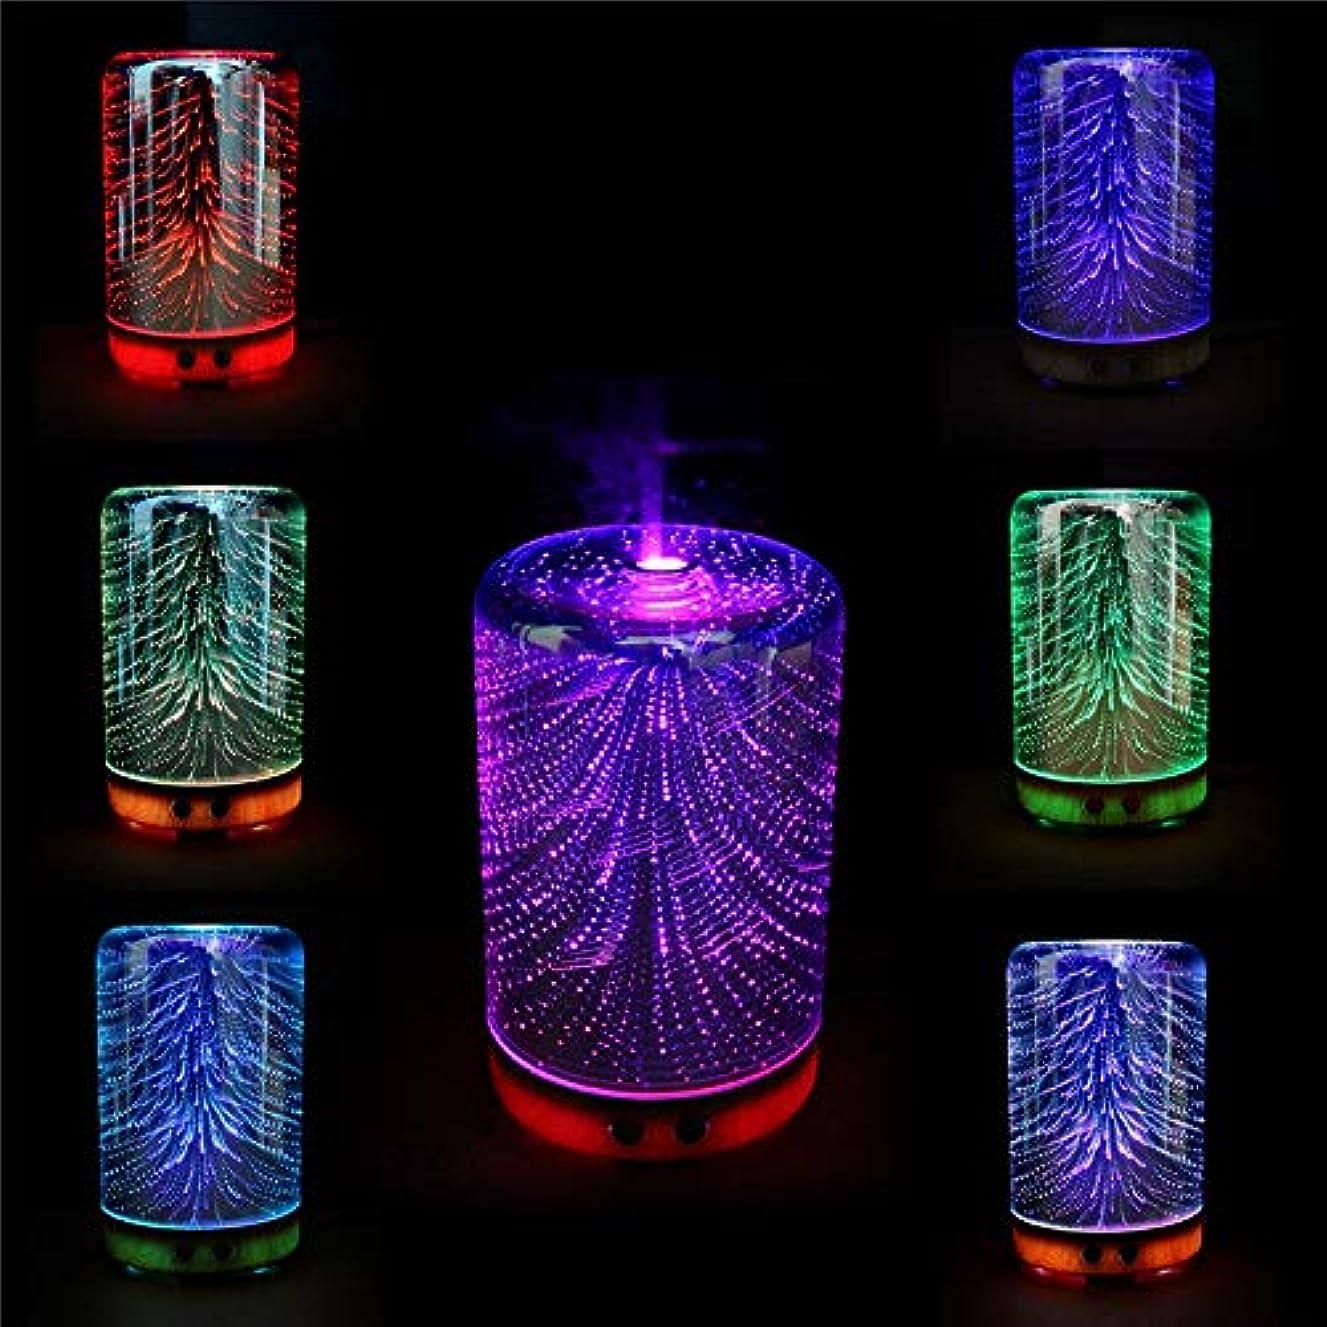 涙が出るごみ印象的なFishagelo Color Changing 3D Lighting Essential Oil Aroma Diffuser Ultrasonic Mist Humidifier Aromatherapy 141[...